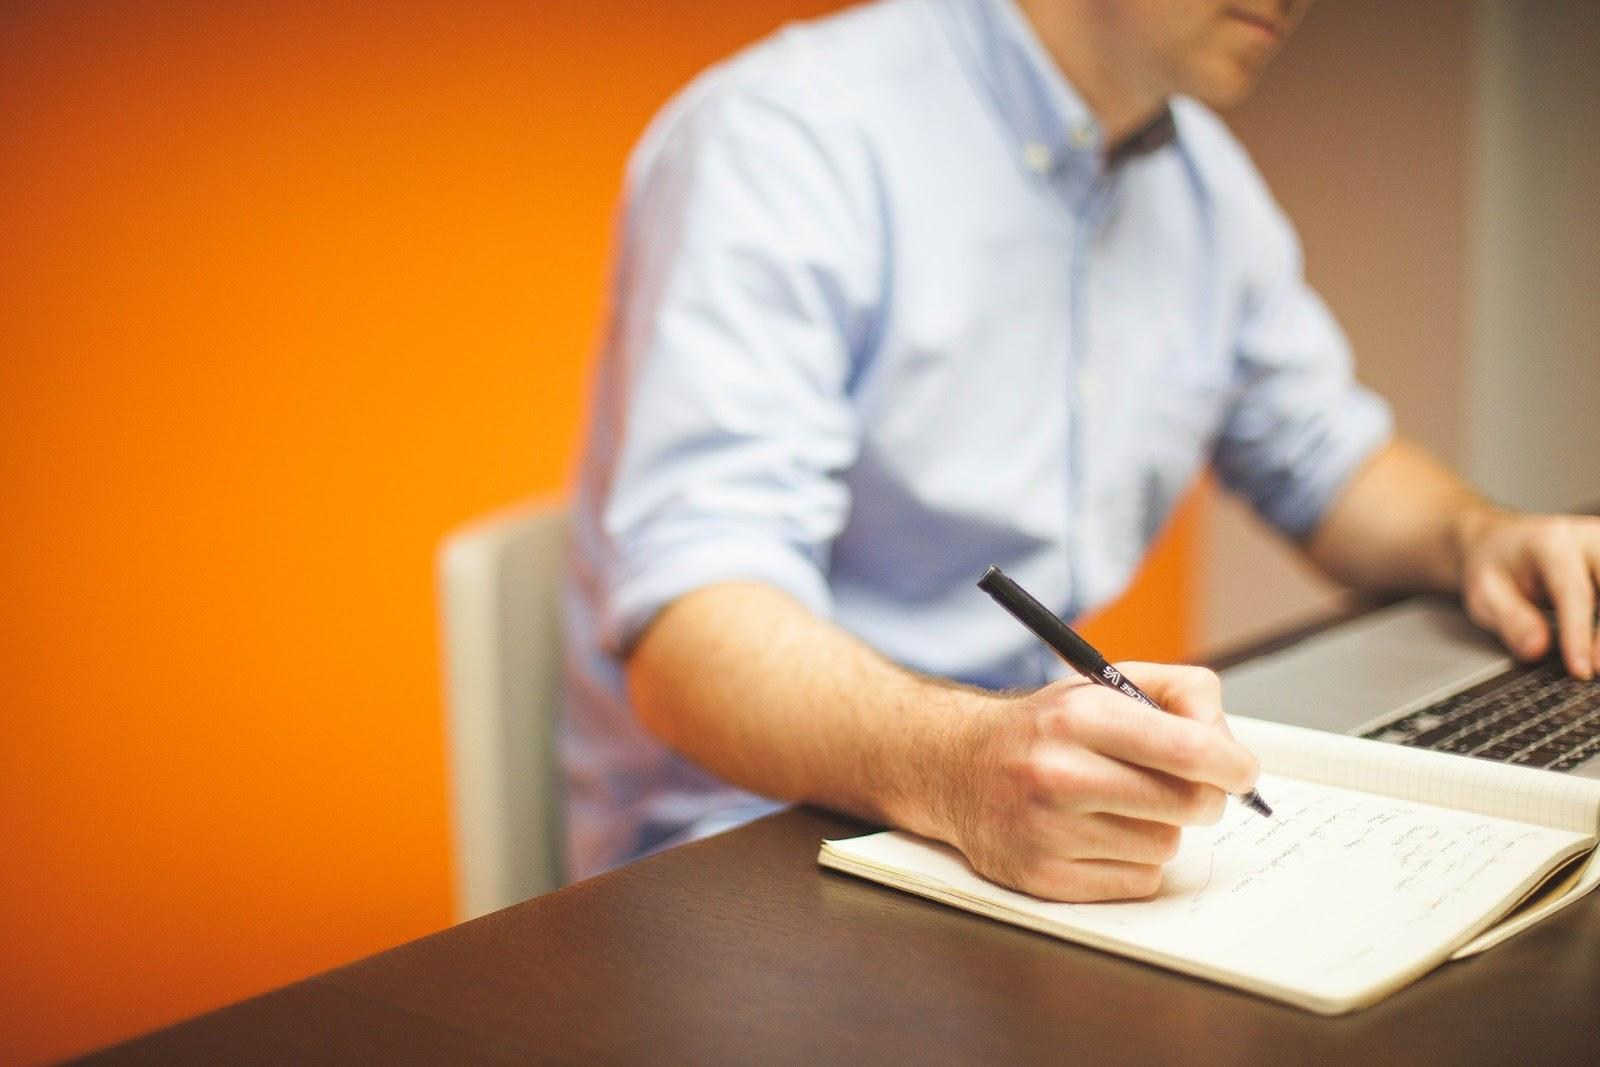 Uma pessoa escrevendo em um caderno.